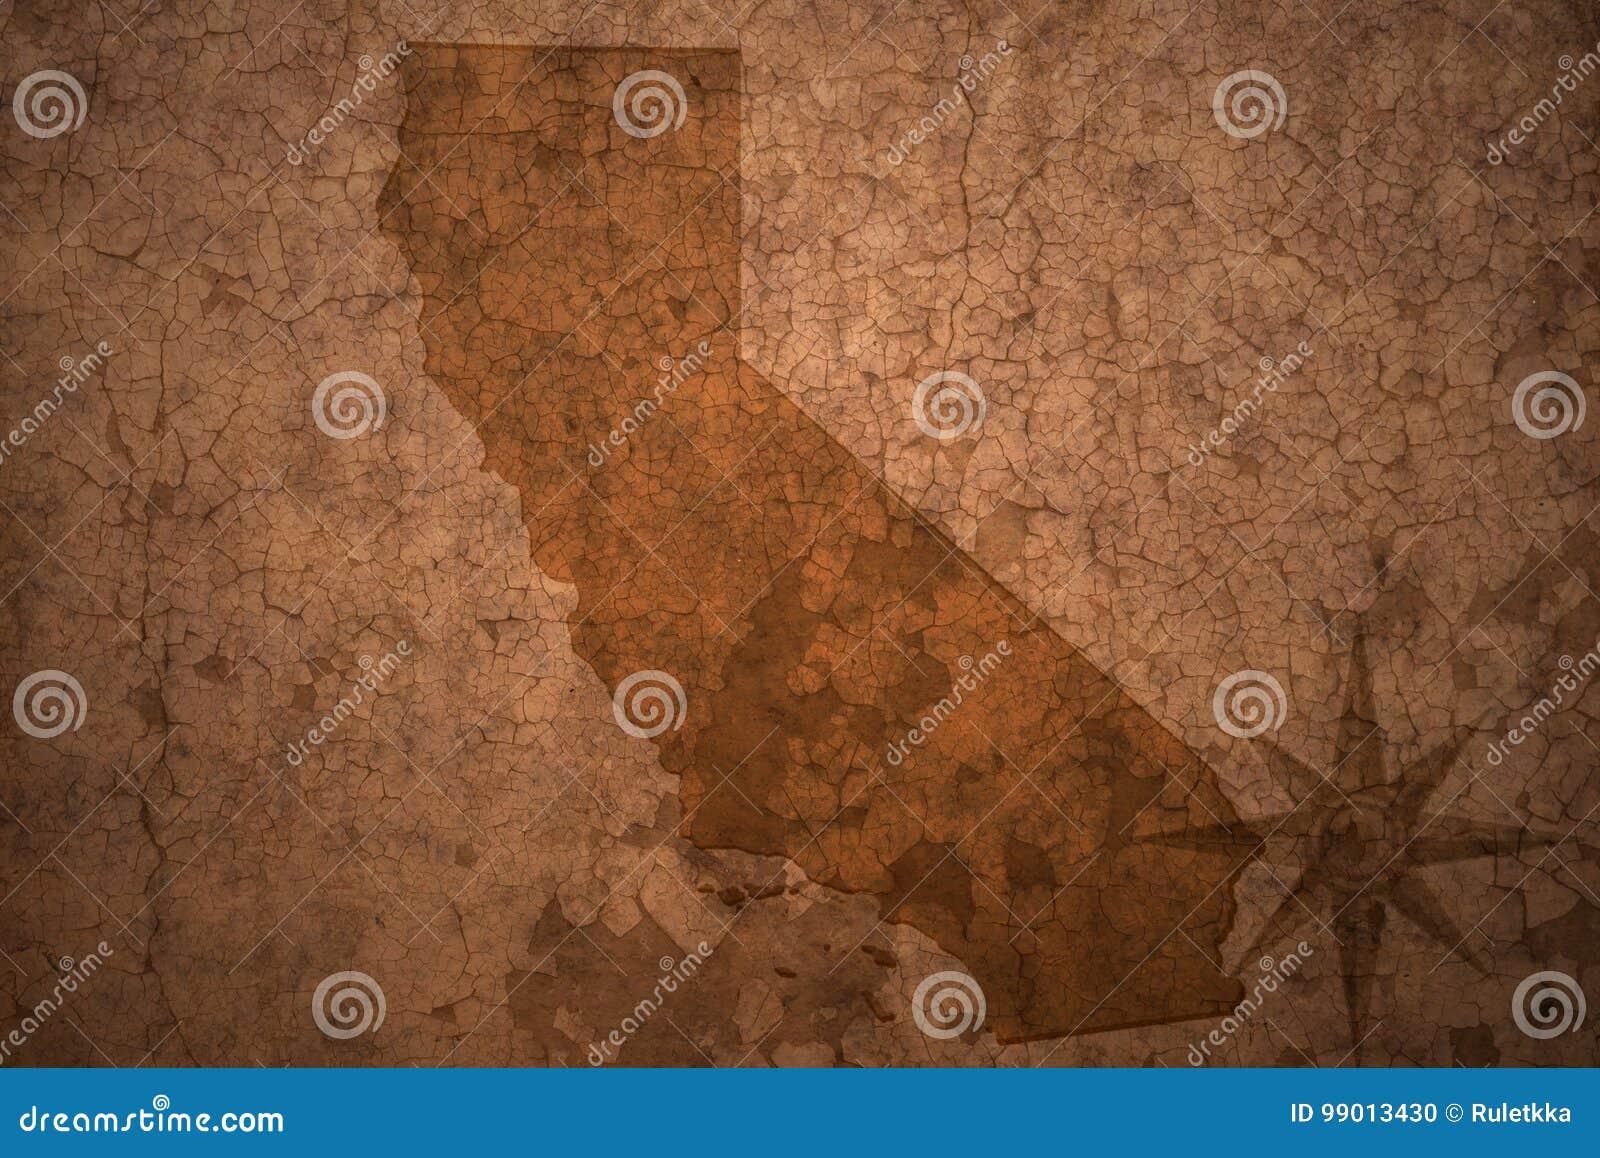 Карта положения Калифорнии на старой винтажной бумажной предпосылке